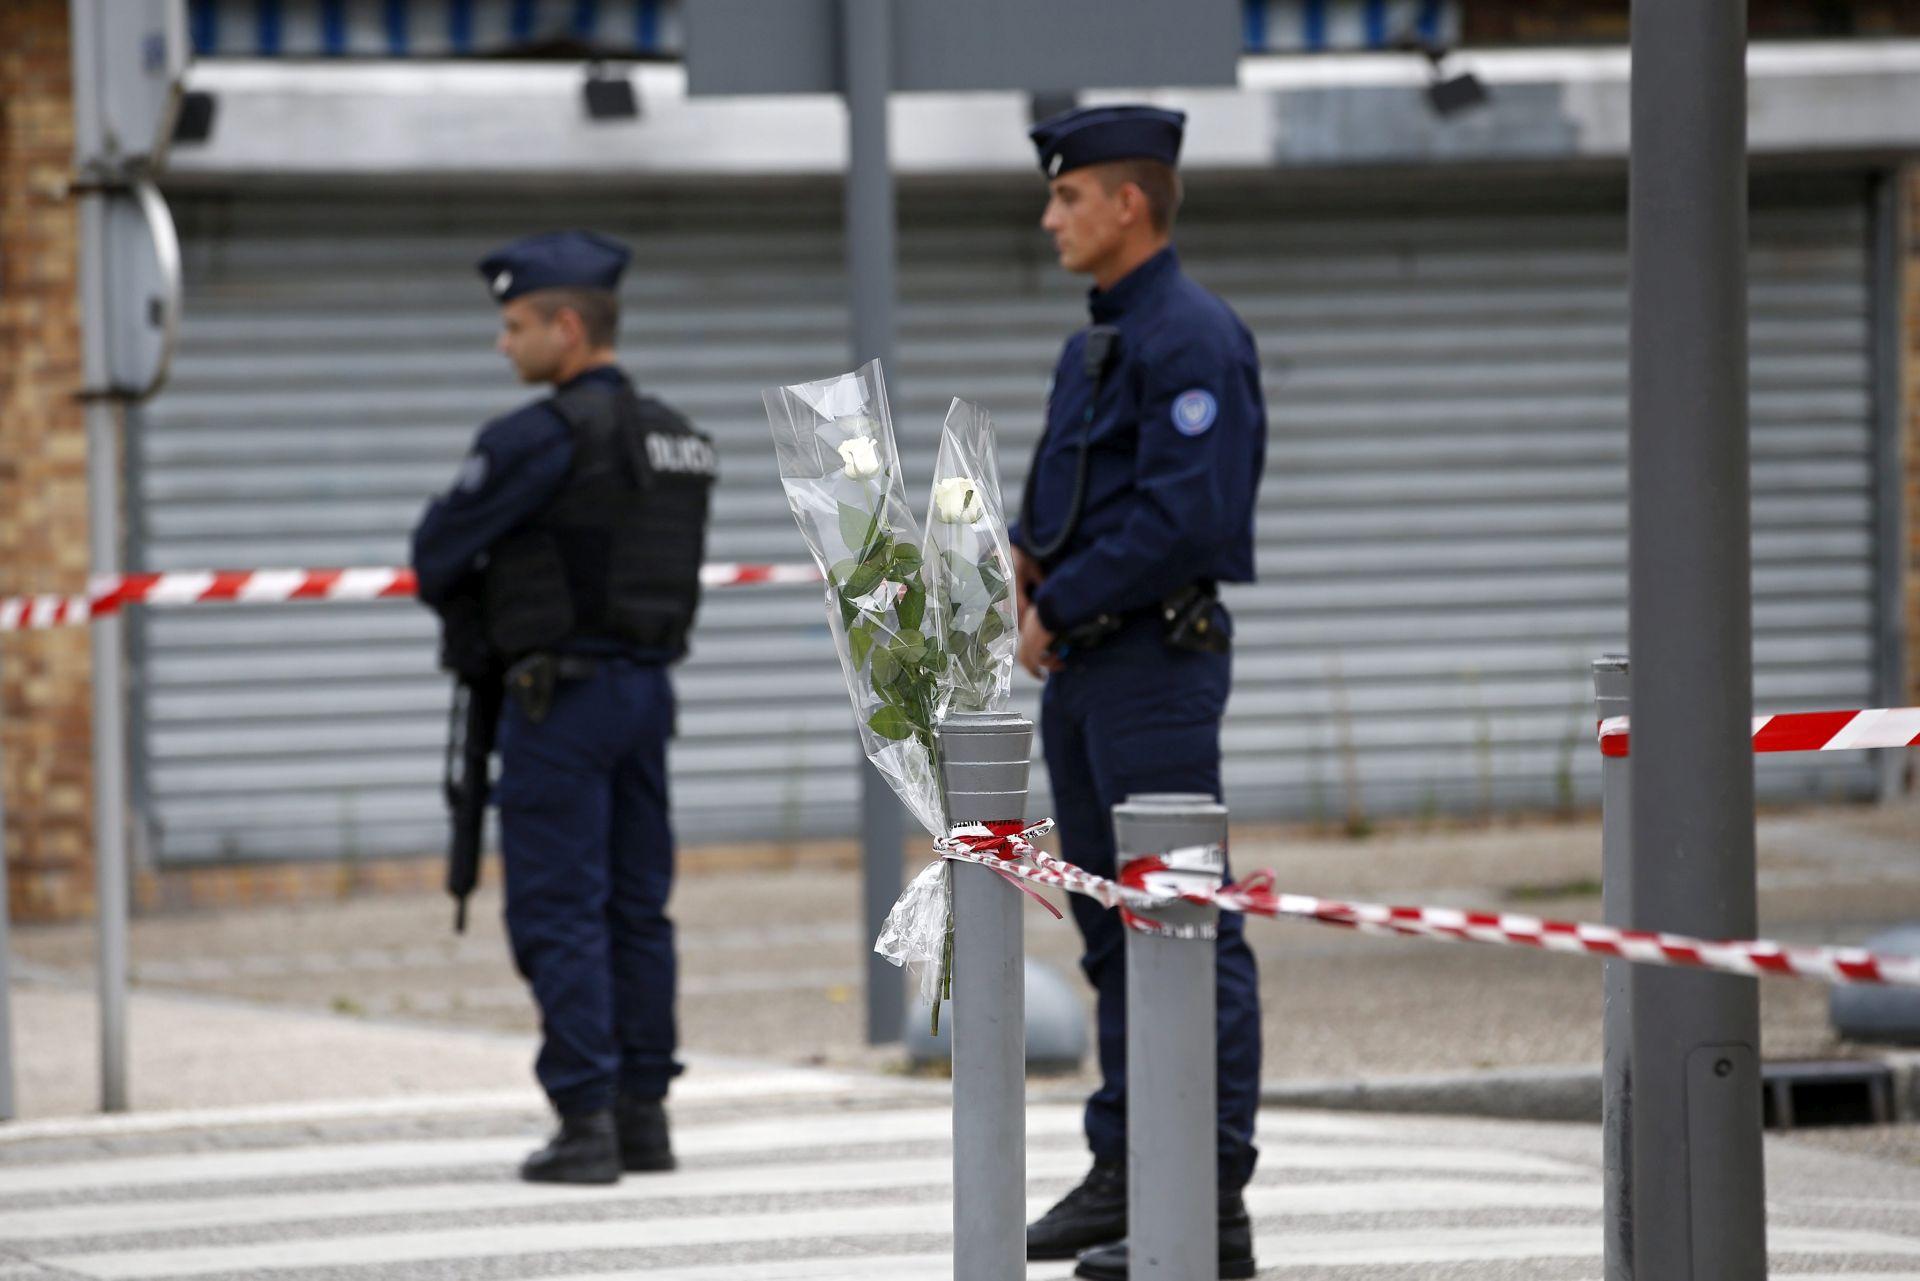 ZBOG RADIKALIZMA: U Francuskoj zatvoreno 20-ak džamija